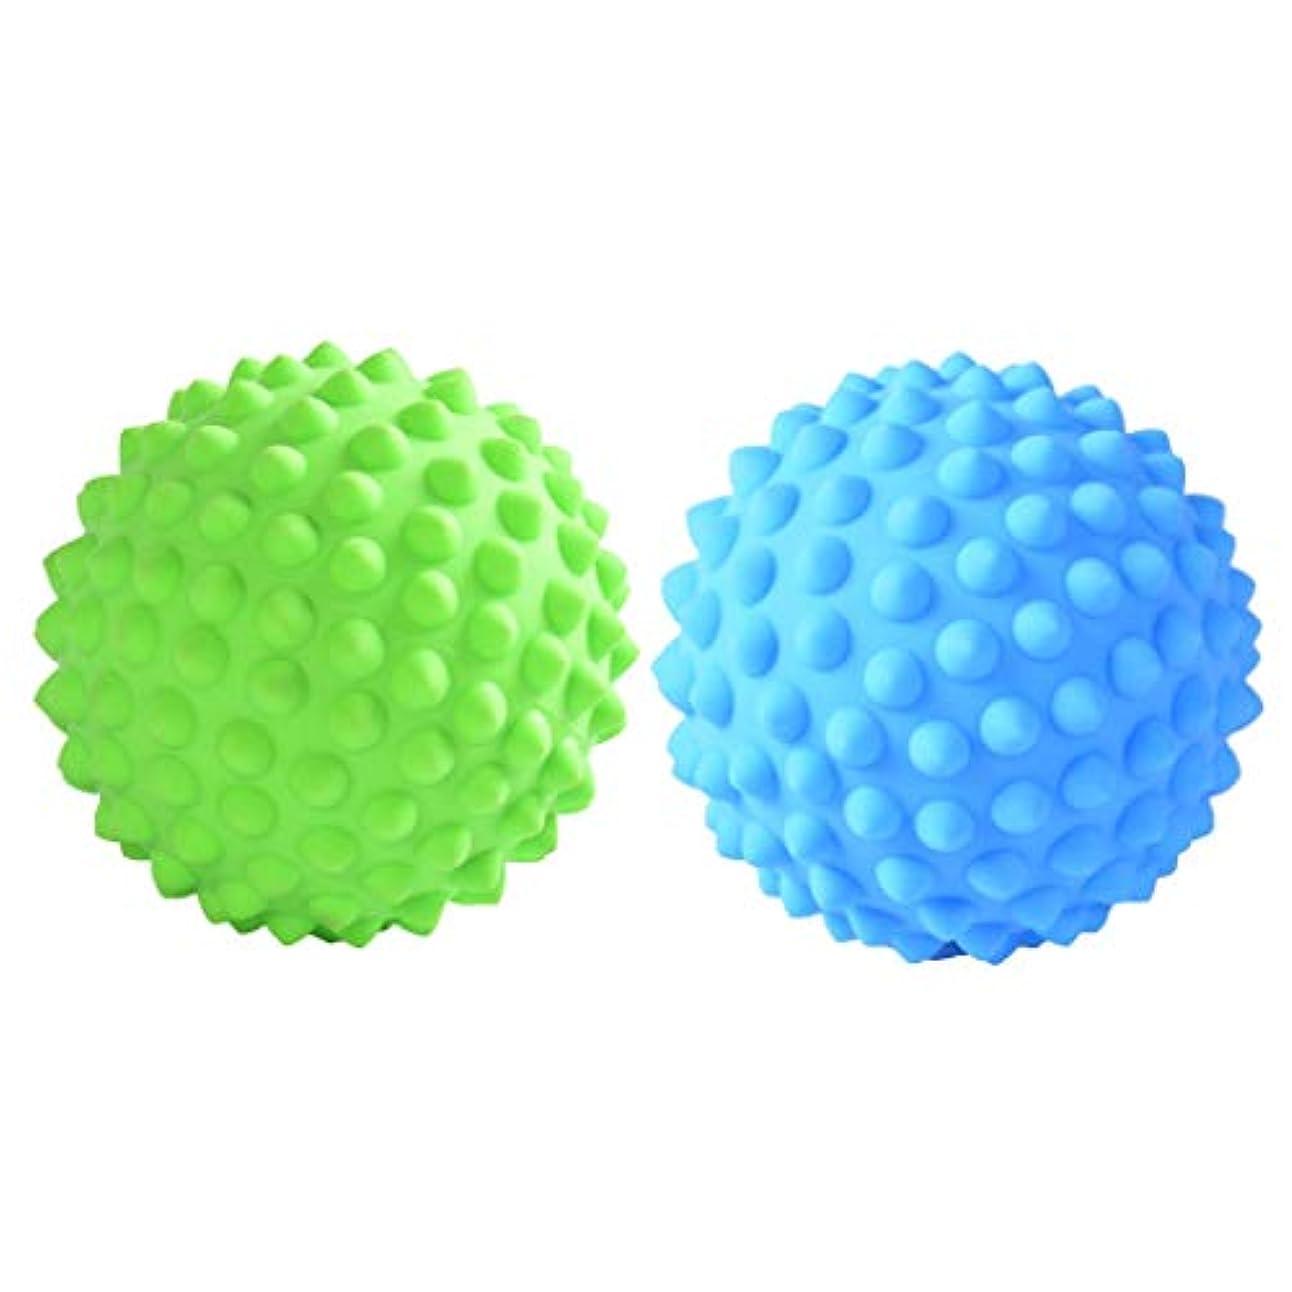 魔法同僚シダchiwanji マッサージローラーボール 指圧ボール トリガーポイント 疲れ解消ボール ヨガ 疲労軽減 2個入